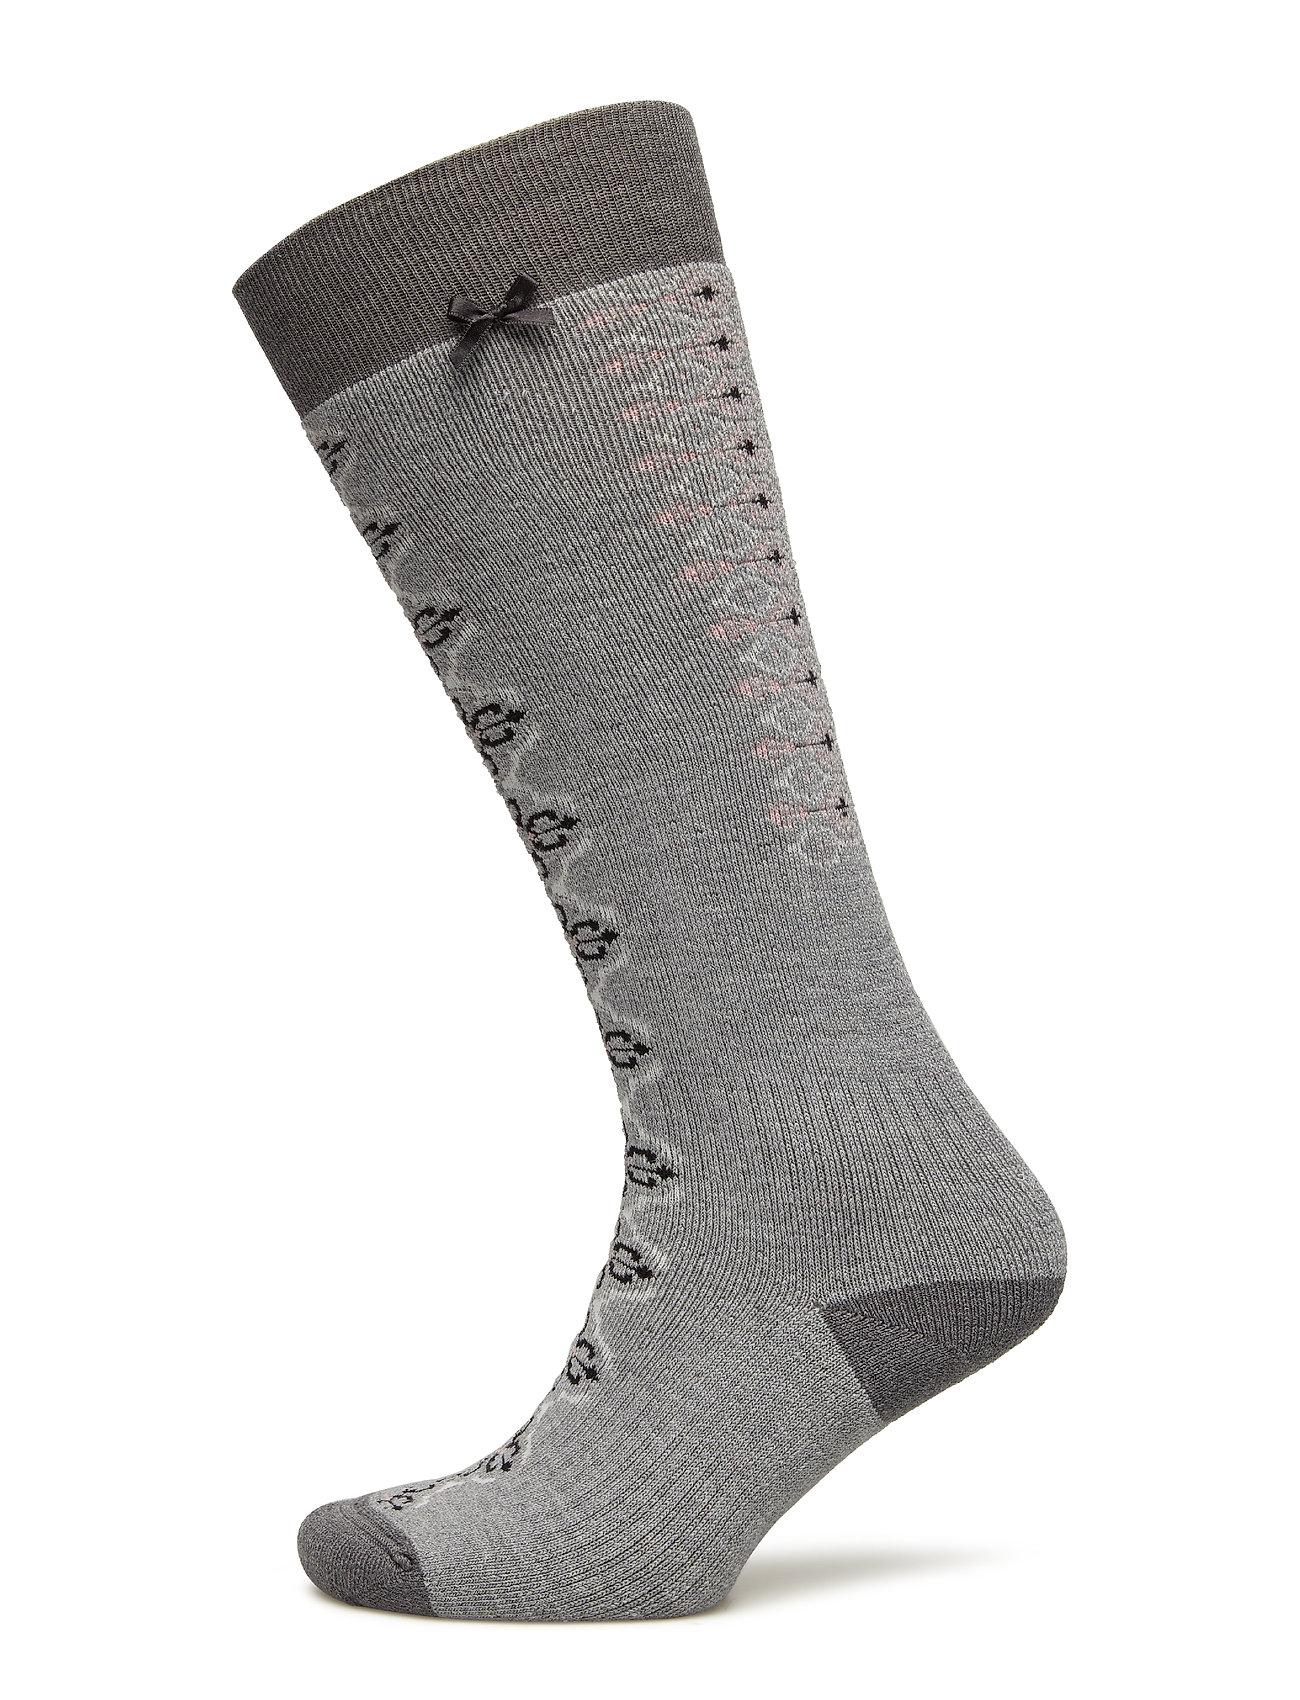 ODD MOLLY ACTIVE WEAR deep snow sock